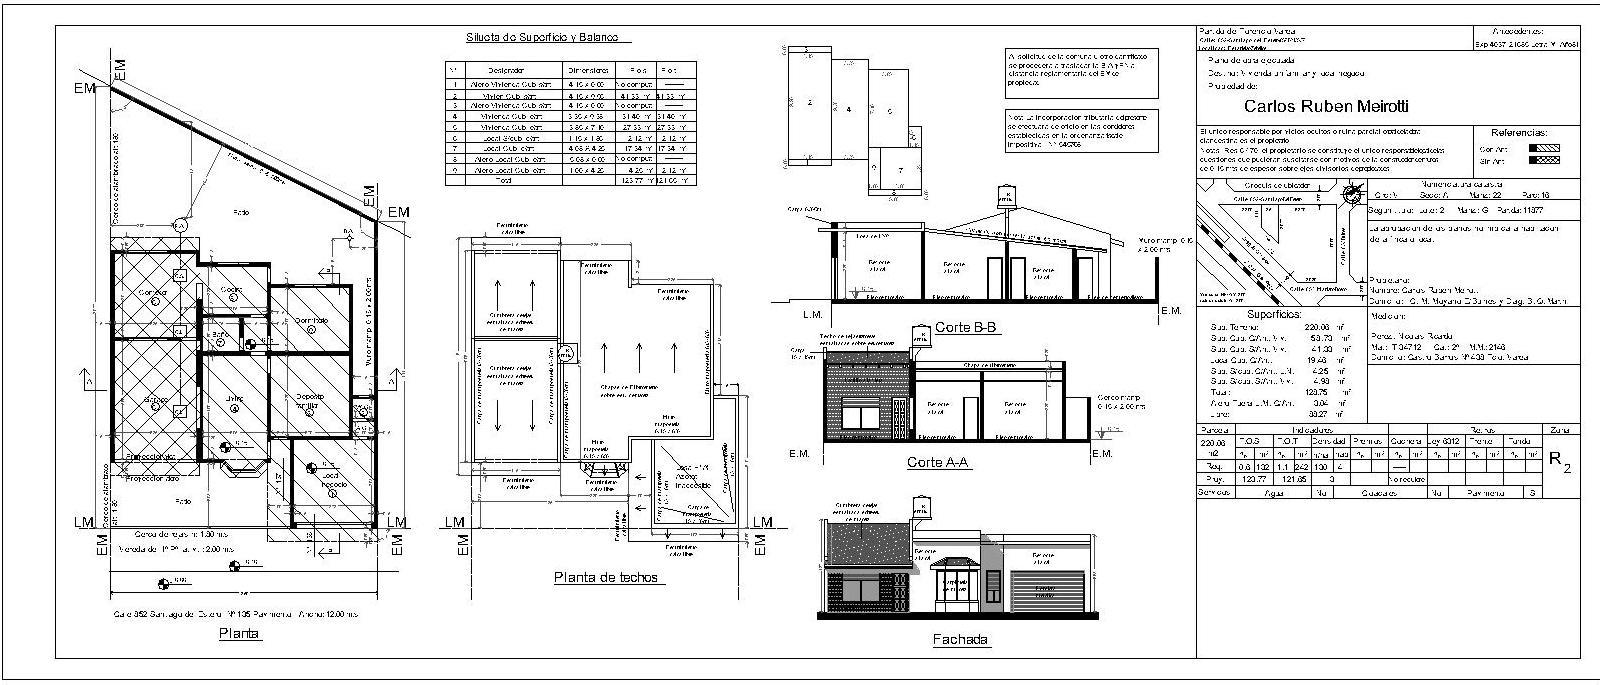 Arquitectura y dise o enero 2011 for Arquitectura planos y disenos